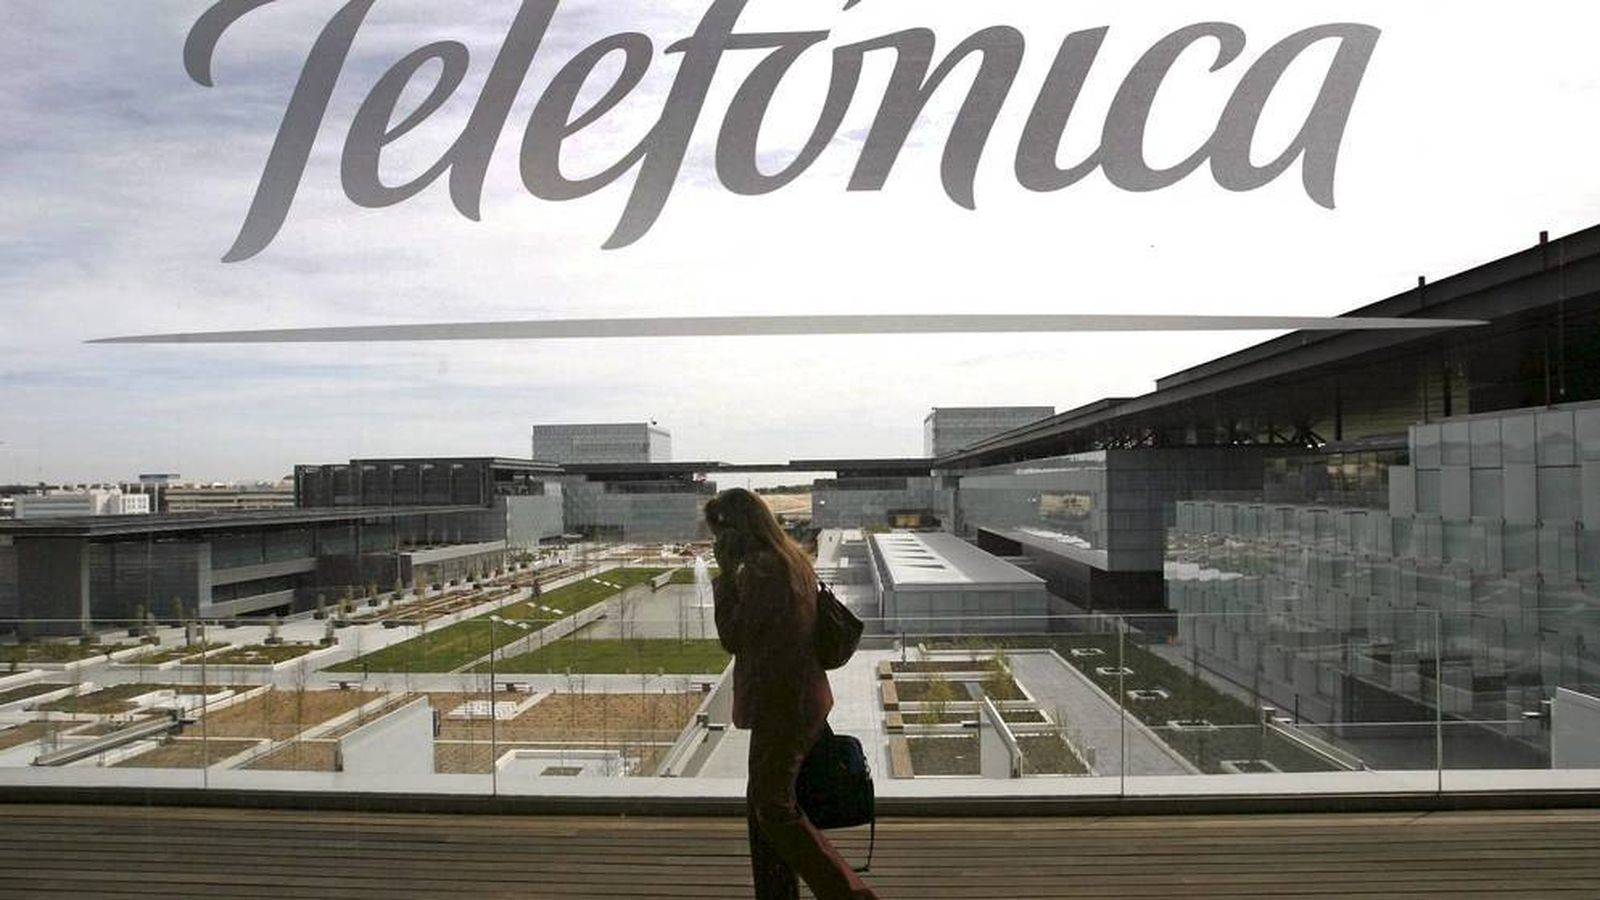 6d5f81e8127 Noticias de Telefónica: La CNMC libera a Telefónica de dar acceso a su red  a los operadores móviles virtuales